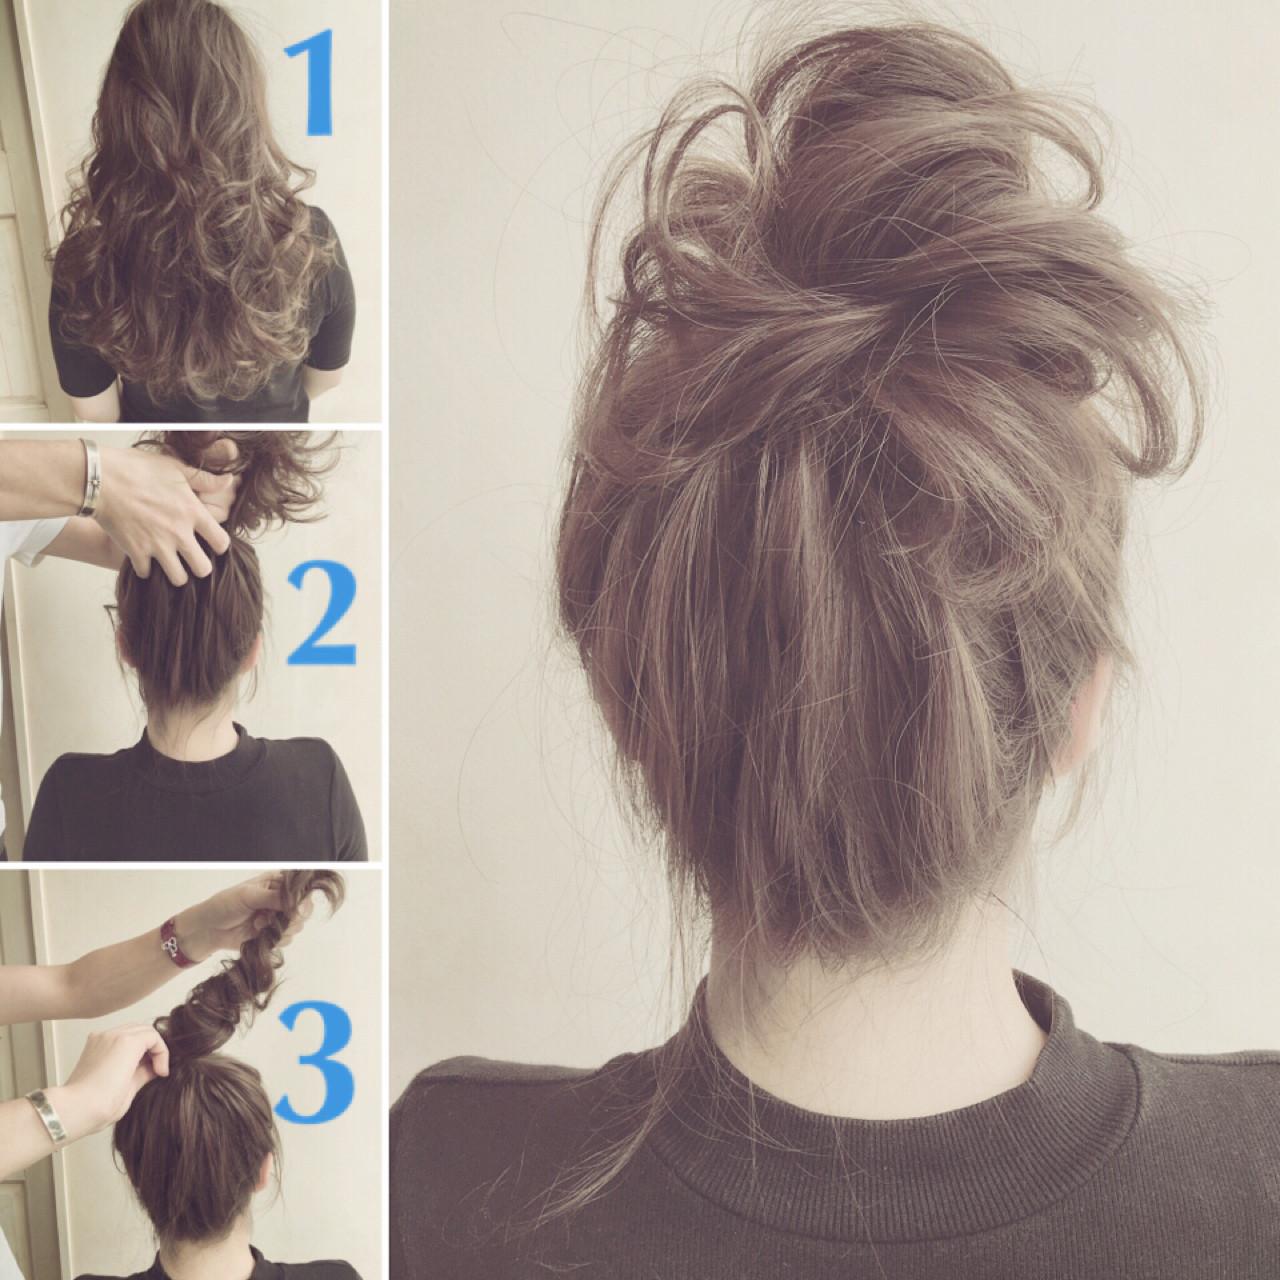 セミロング 簡単ヘアアレンジ ショート ハーフアップ ヘアスタイルや髪型の写真・画像